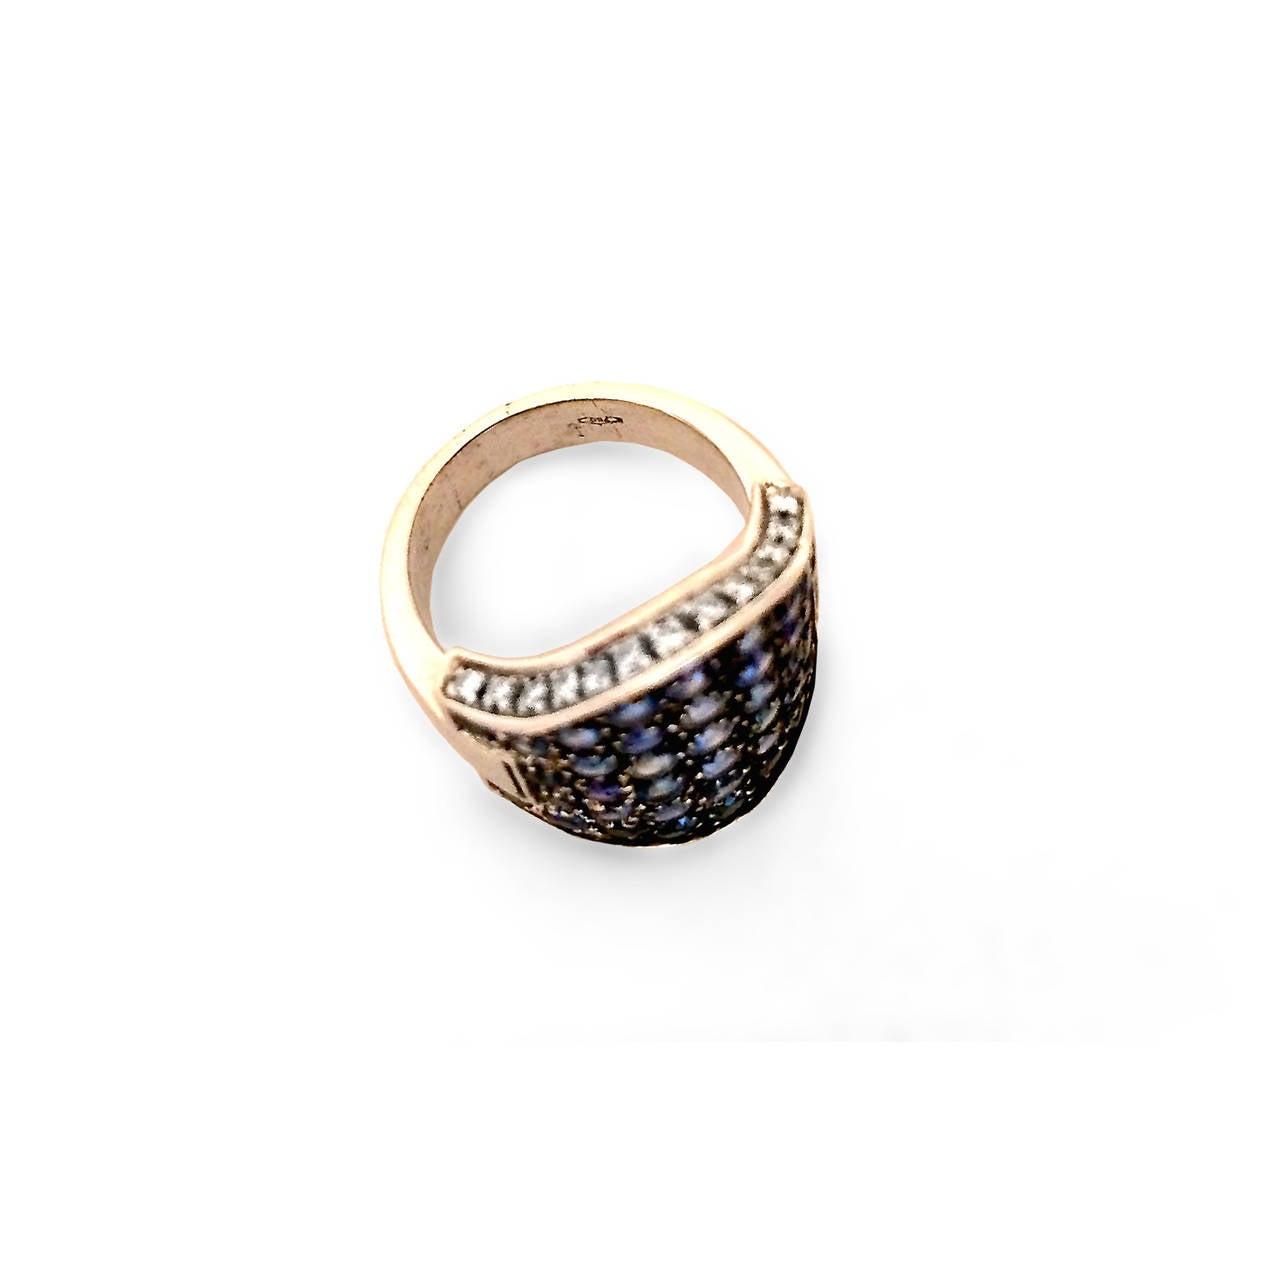 5.05 Carat Pave Sapphire Diamond Gold Ring 3